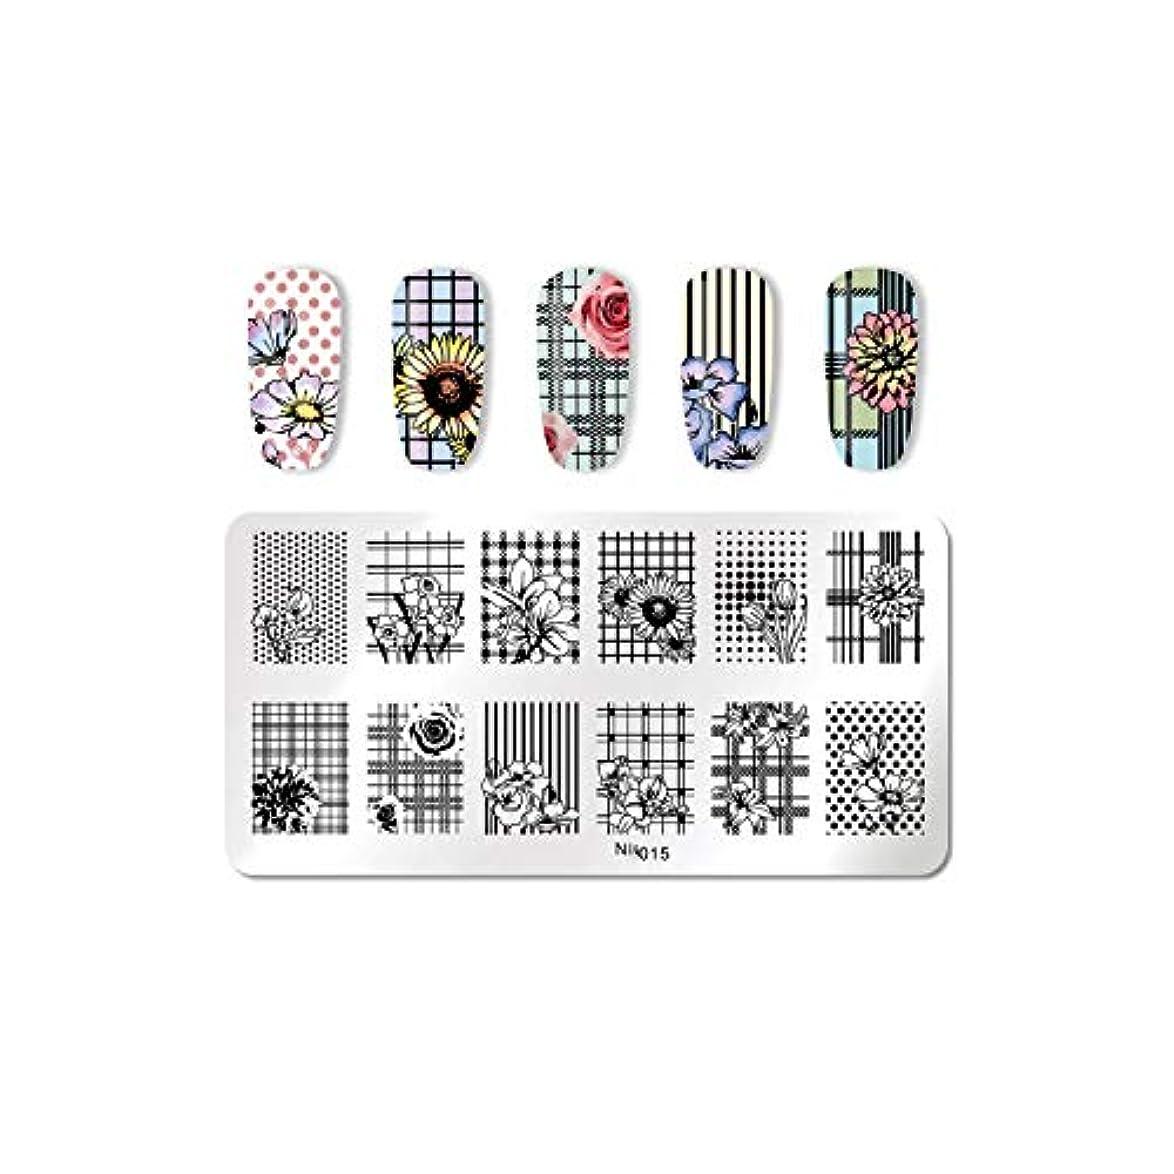 収縮いまシャンパンパイナップルココナッツネイル花の幾何学的デザインスタンピングテンプレート画像印刷ステンシル,15